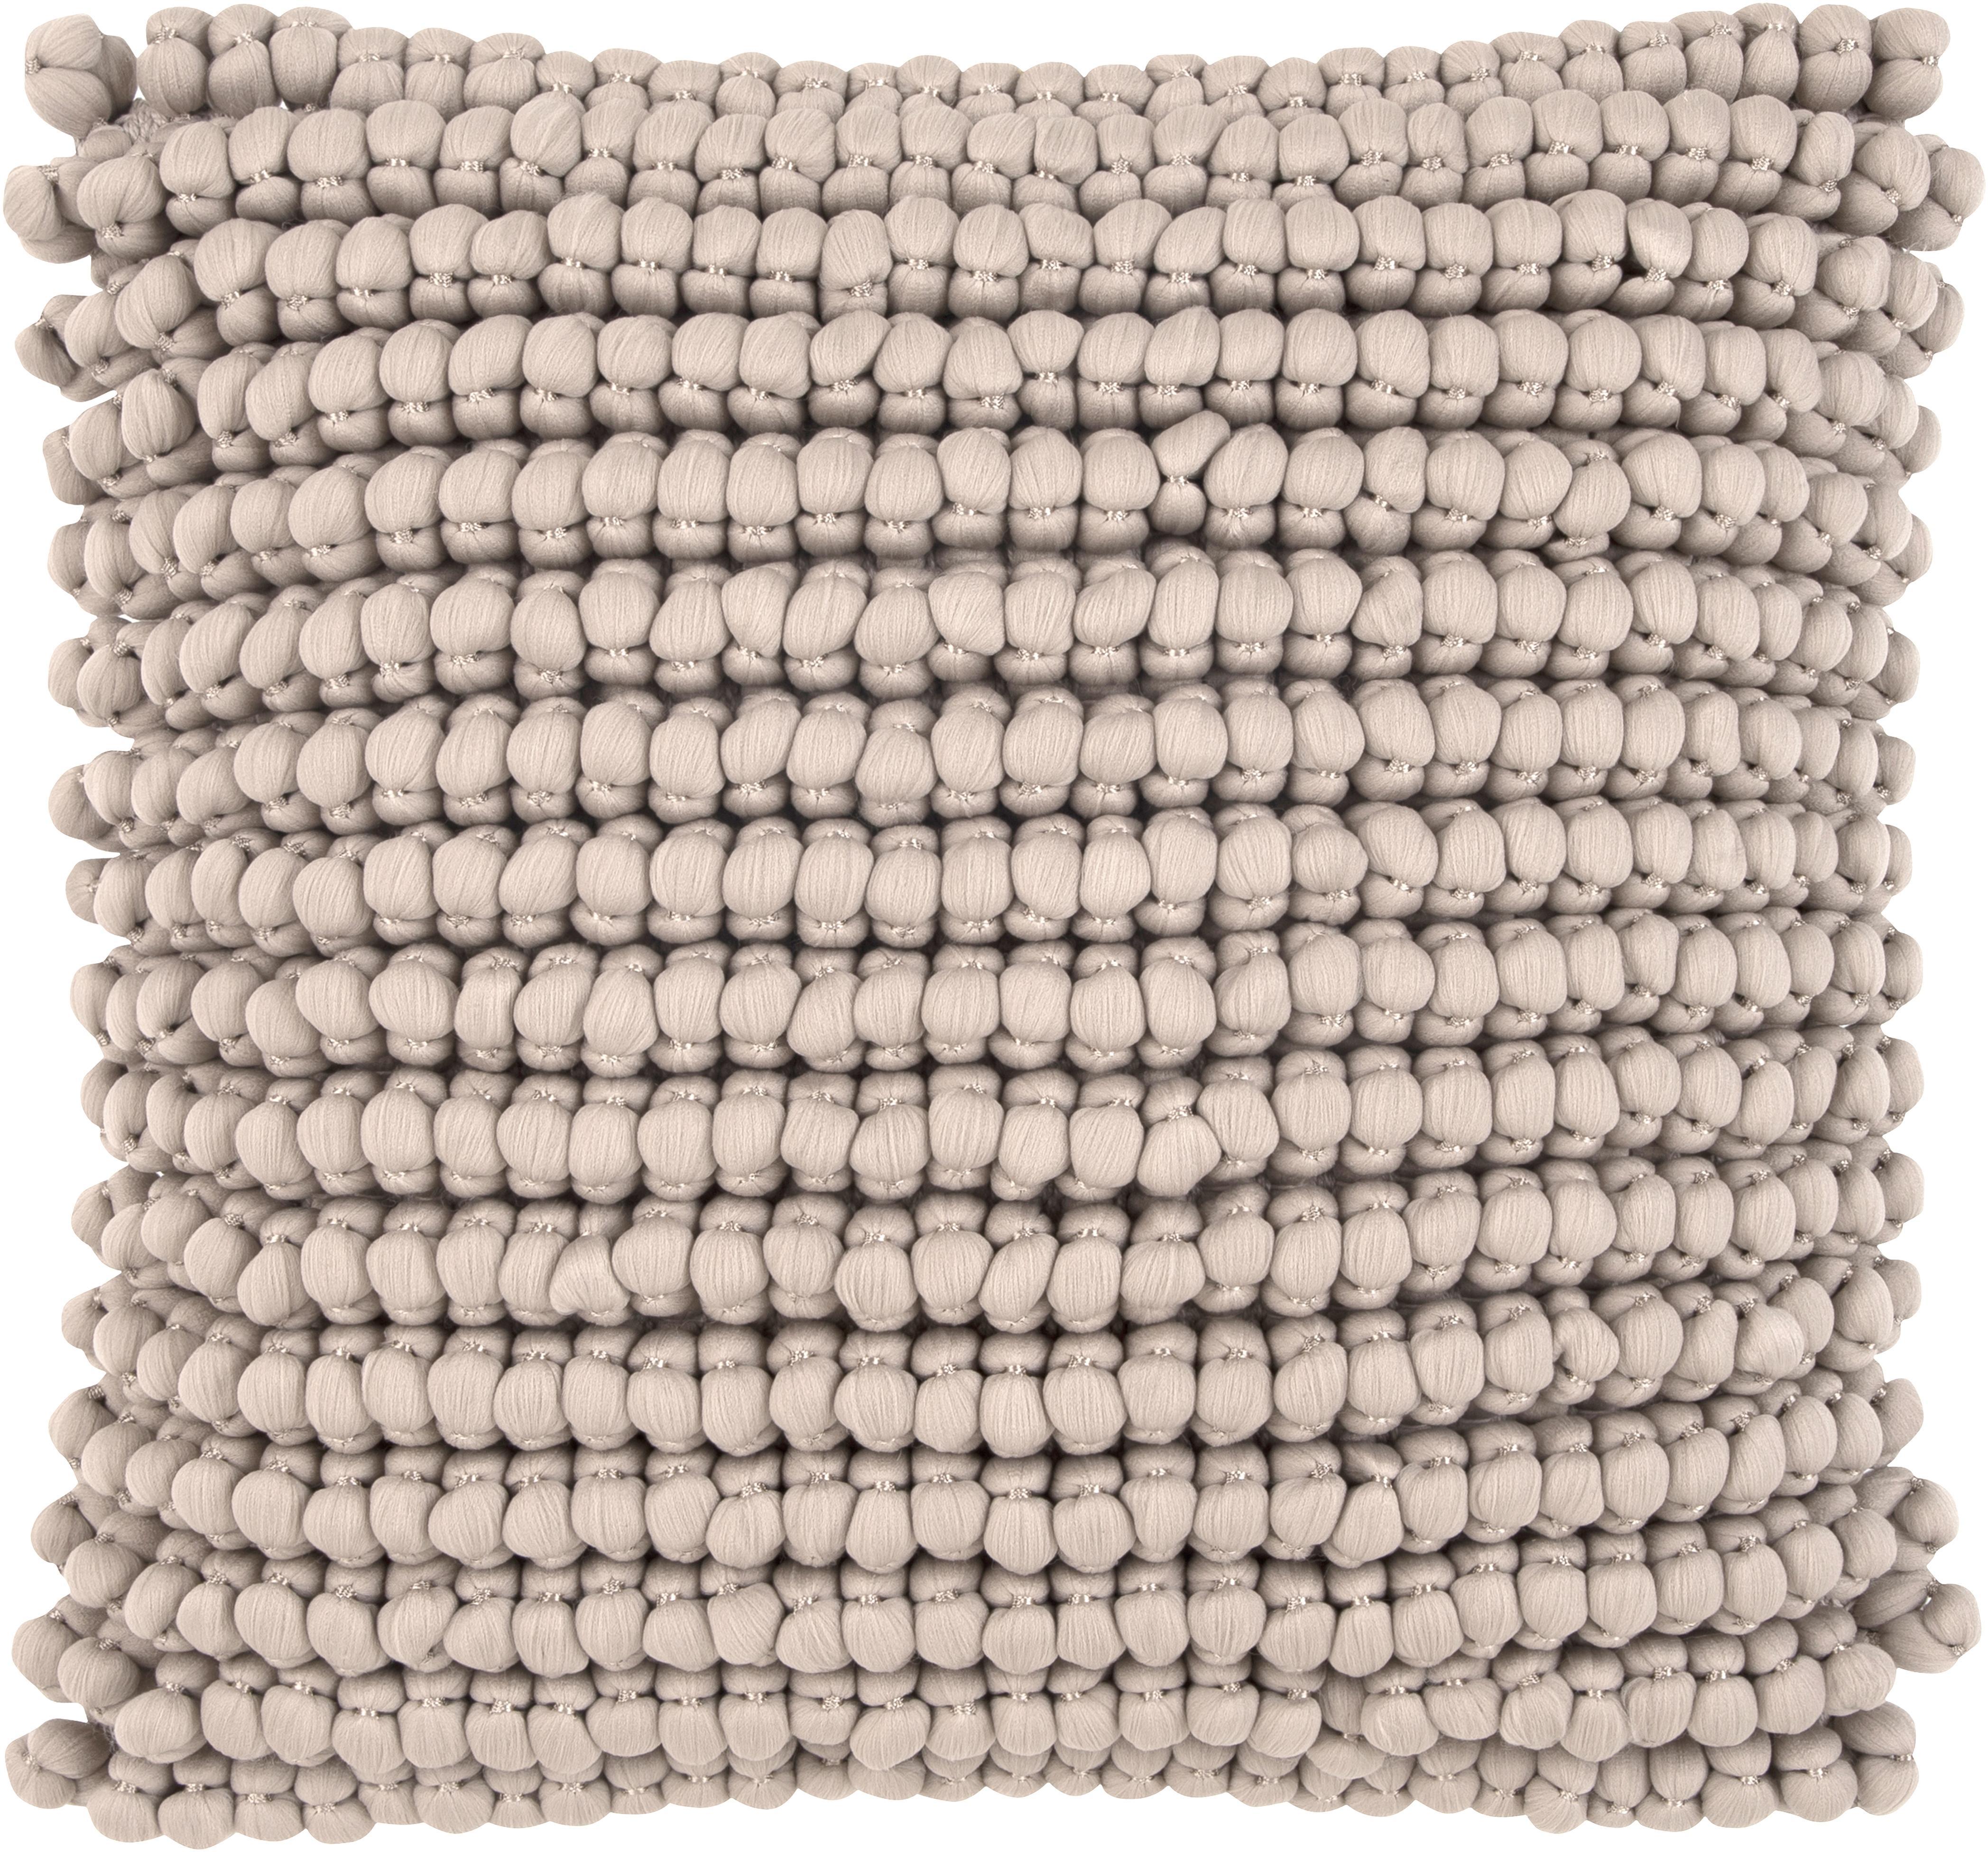 Kussenhoes Iona met kleine bolletjes, Beige, 45 x 45 cm